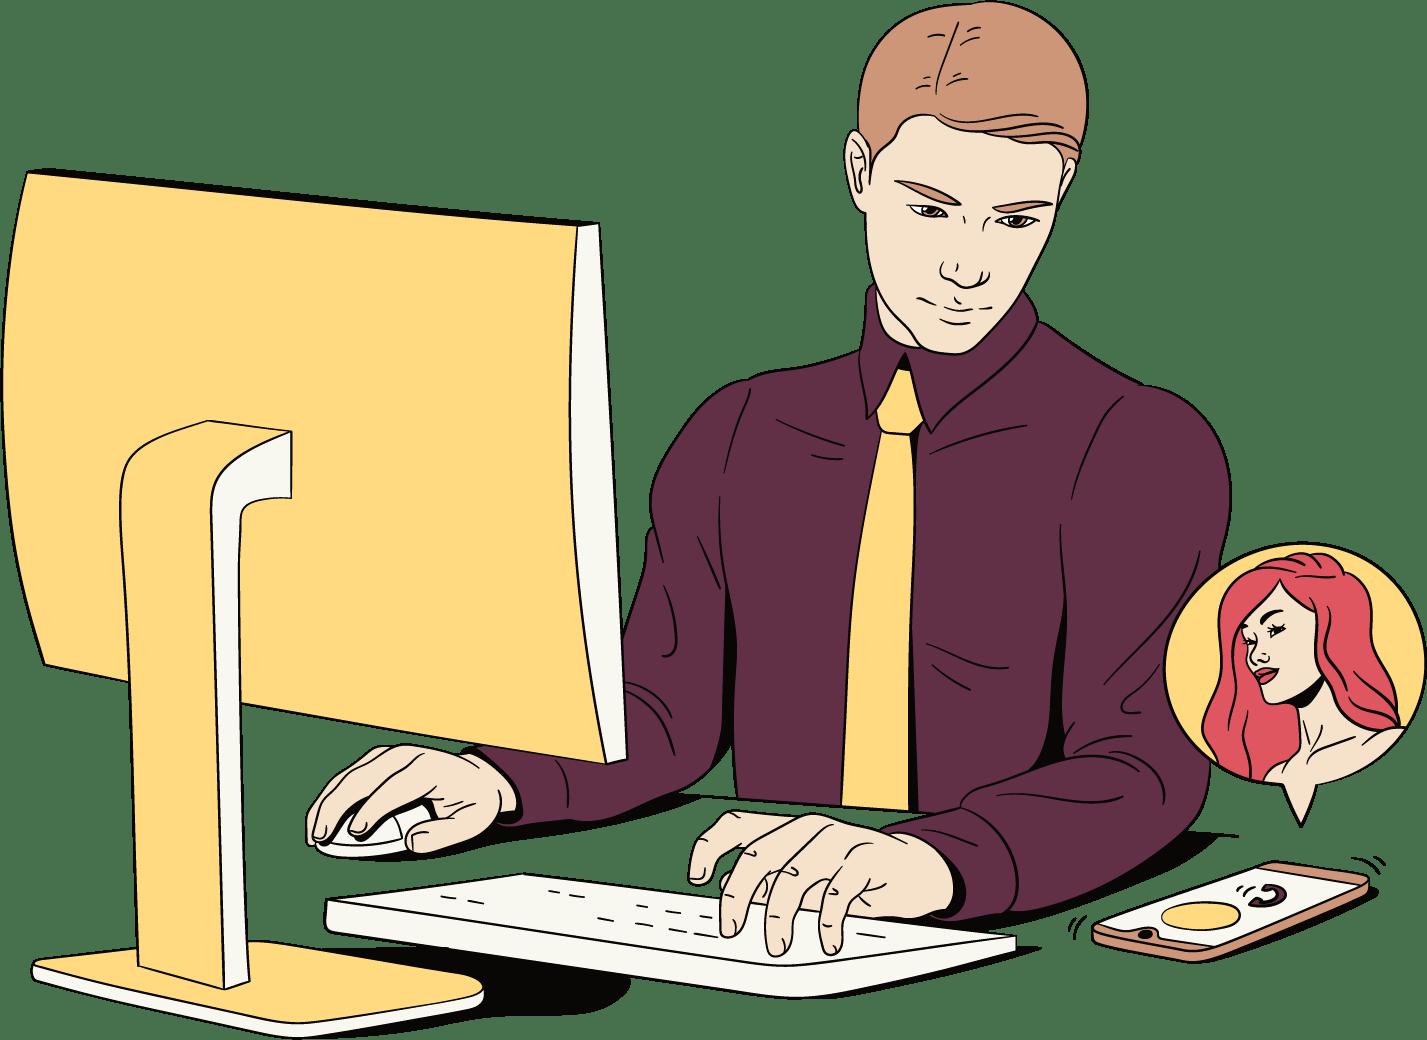 L'homme est occupé par le travail et ne contrôle donc rien par lui-même